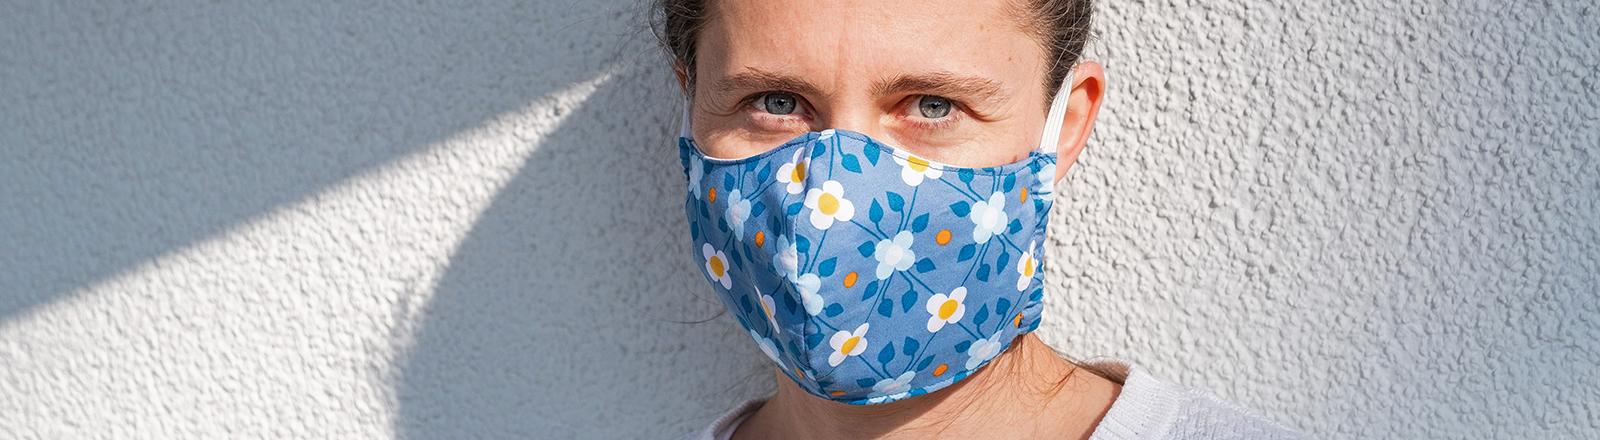 Symbolfoto zum Thema Corona-Pandemie, Covid-19 - Eine Frau traegt einen selbstgemachten Mundschutz aus Stoff und steht vor einer grauen Hausfassade, aufgenommen am 09.04.2020 in Leipzig.